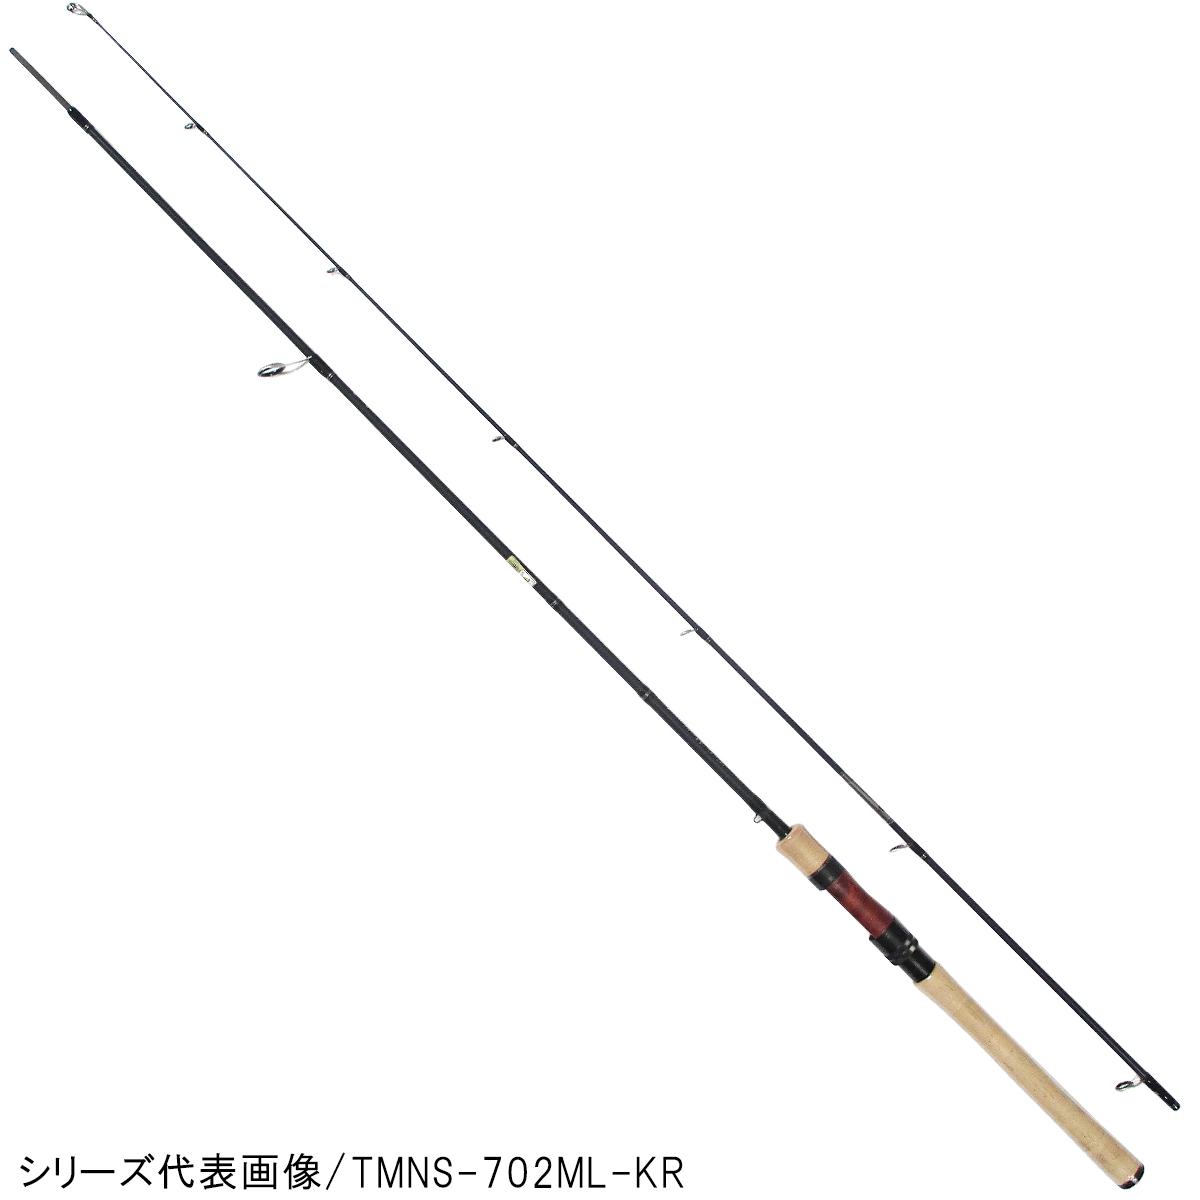 トラウティン マーキス ナノ TMNS-802H-KR